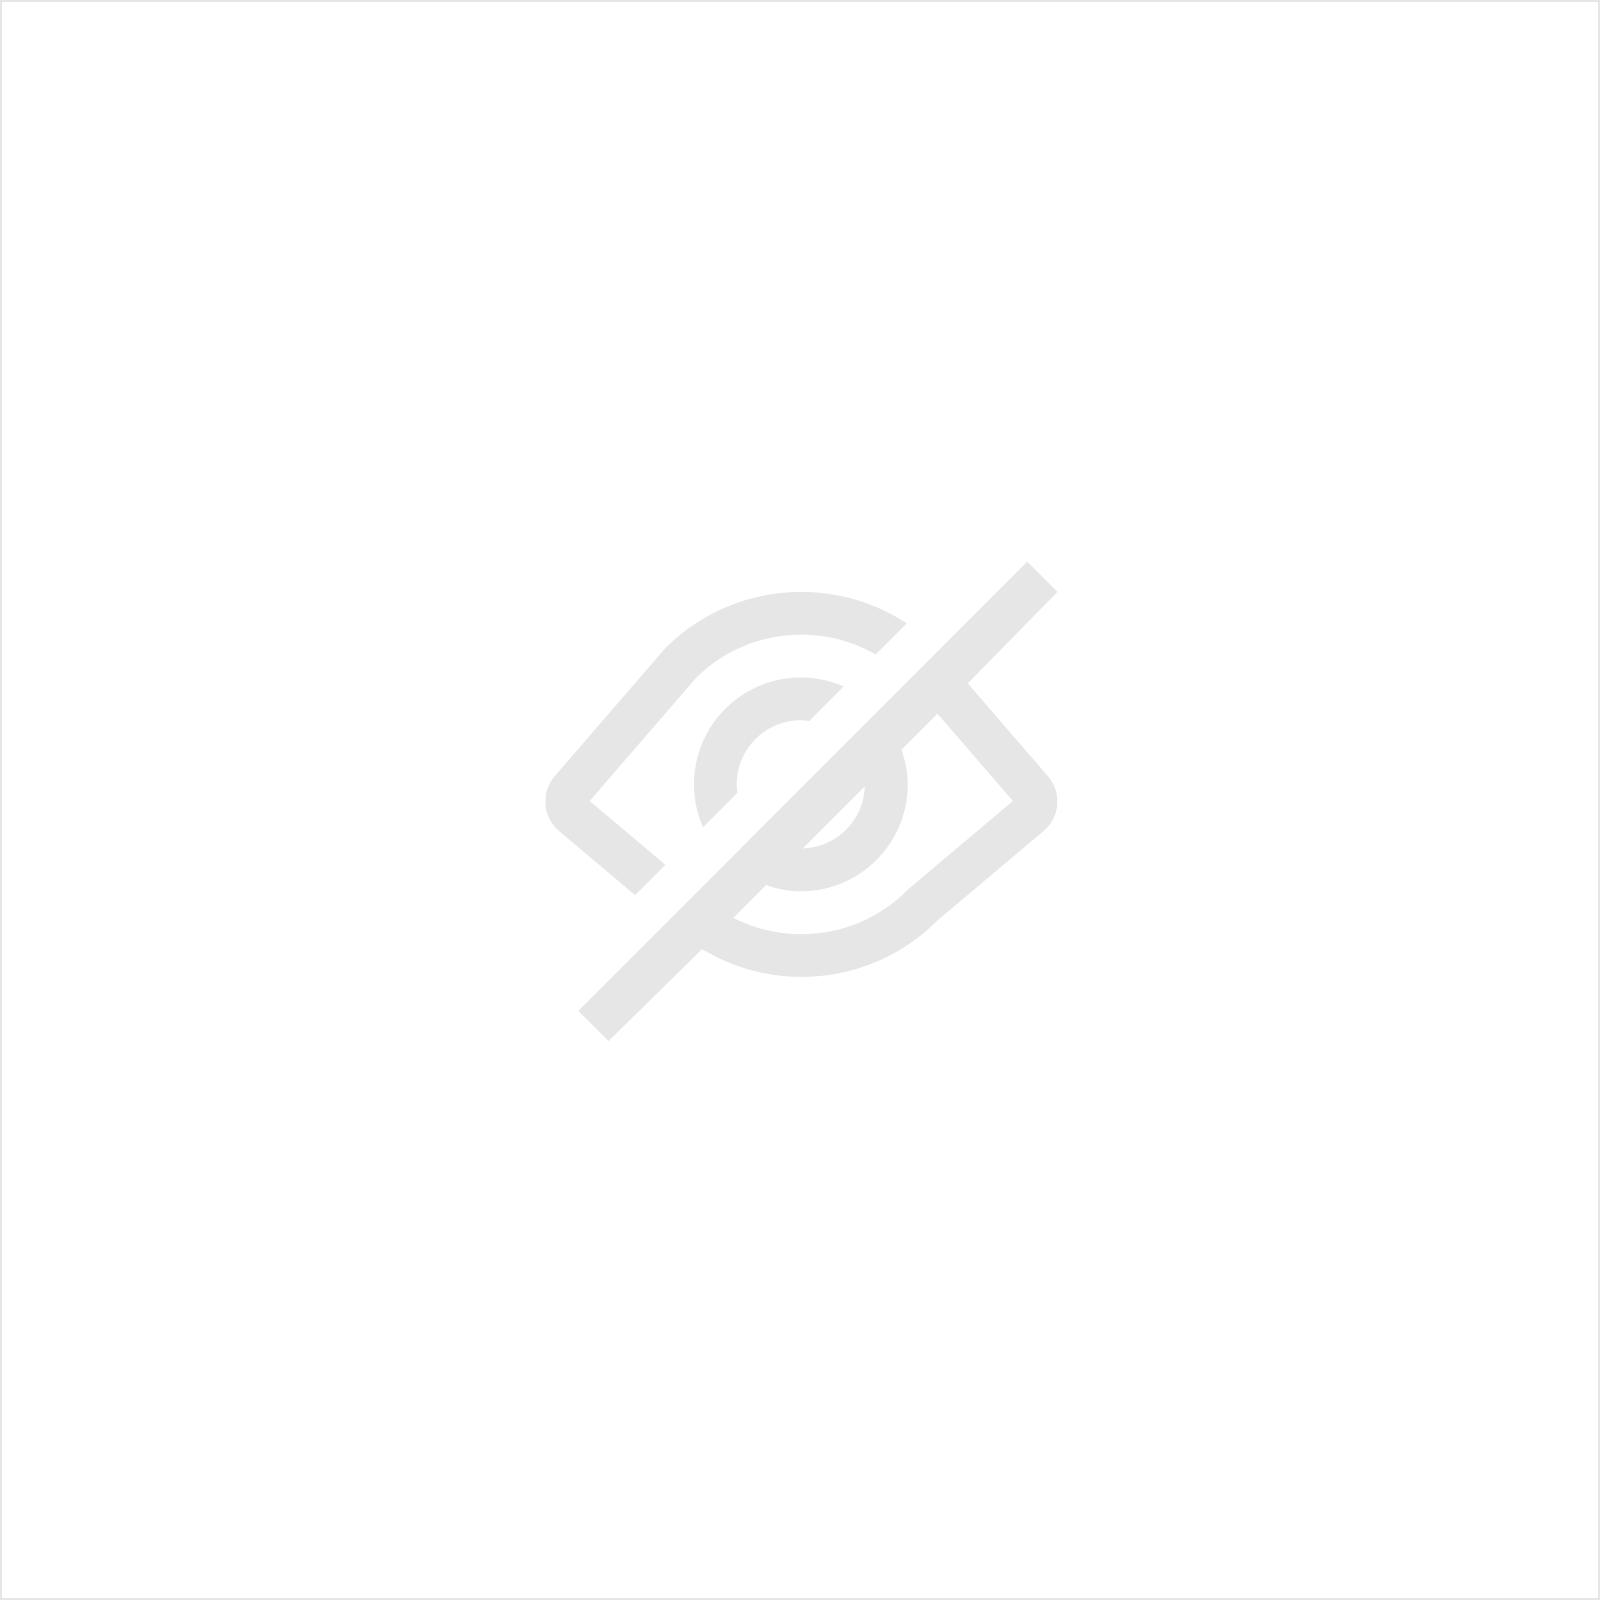 PROPRE FABRICATION - MOLETTES OPTIONELLE POUR BORDEUSE MOULUREUSE